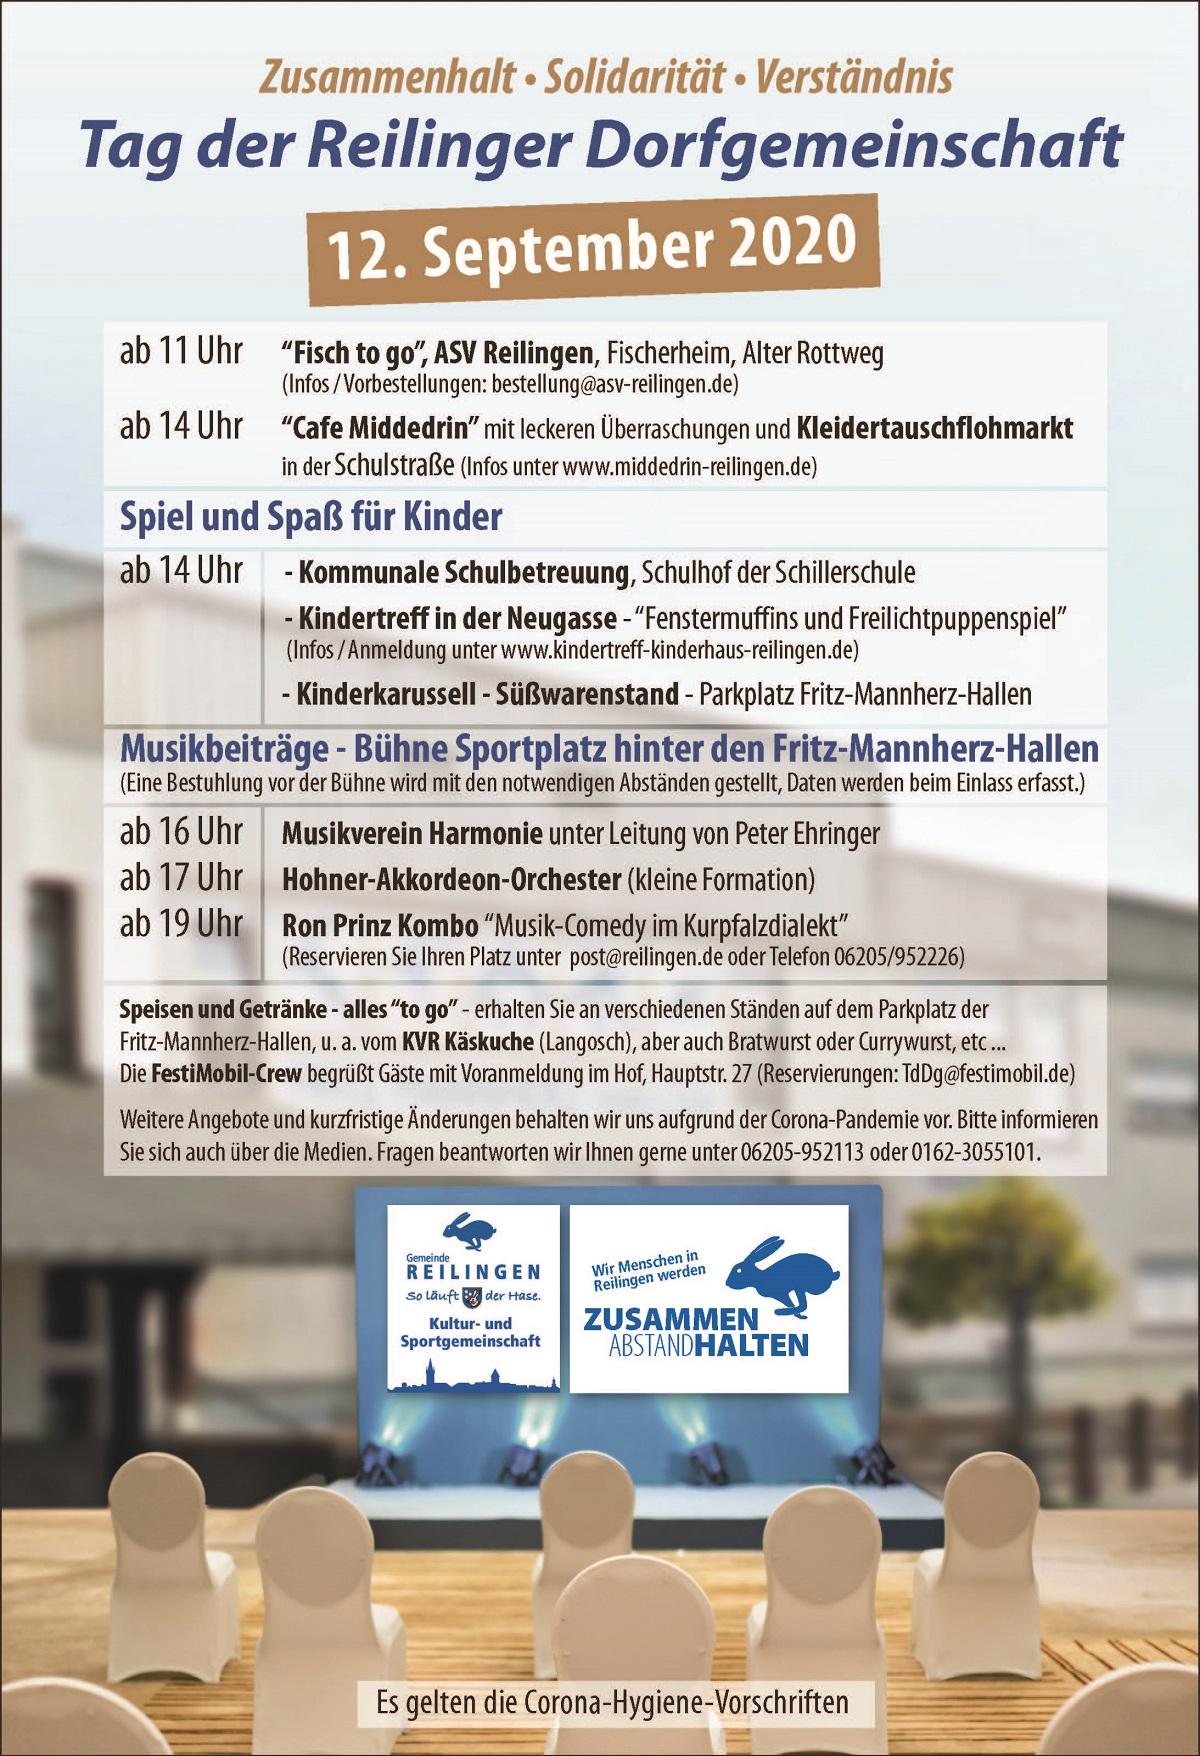 Tag der Reilinger Dorfgemeinschaft, Fish to go, Fritz-Mannherz-Halle, KVR Käskuche, Schillerschule, Reilinger Fernsehen